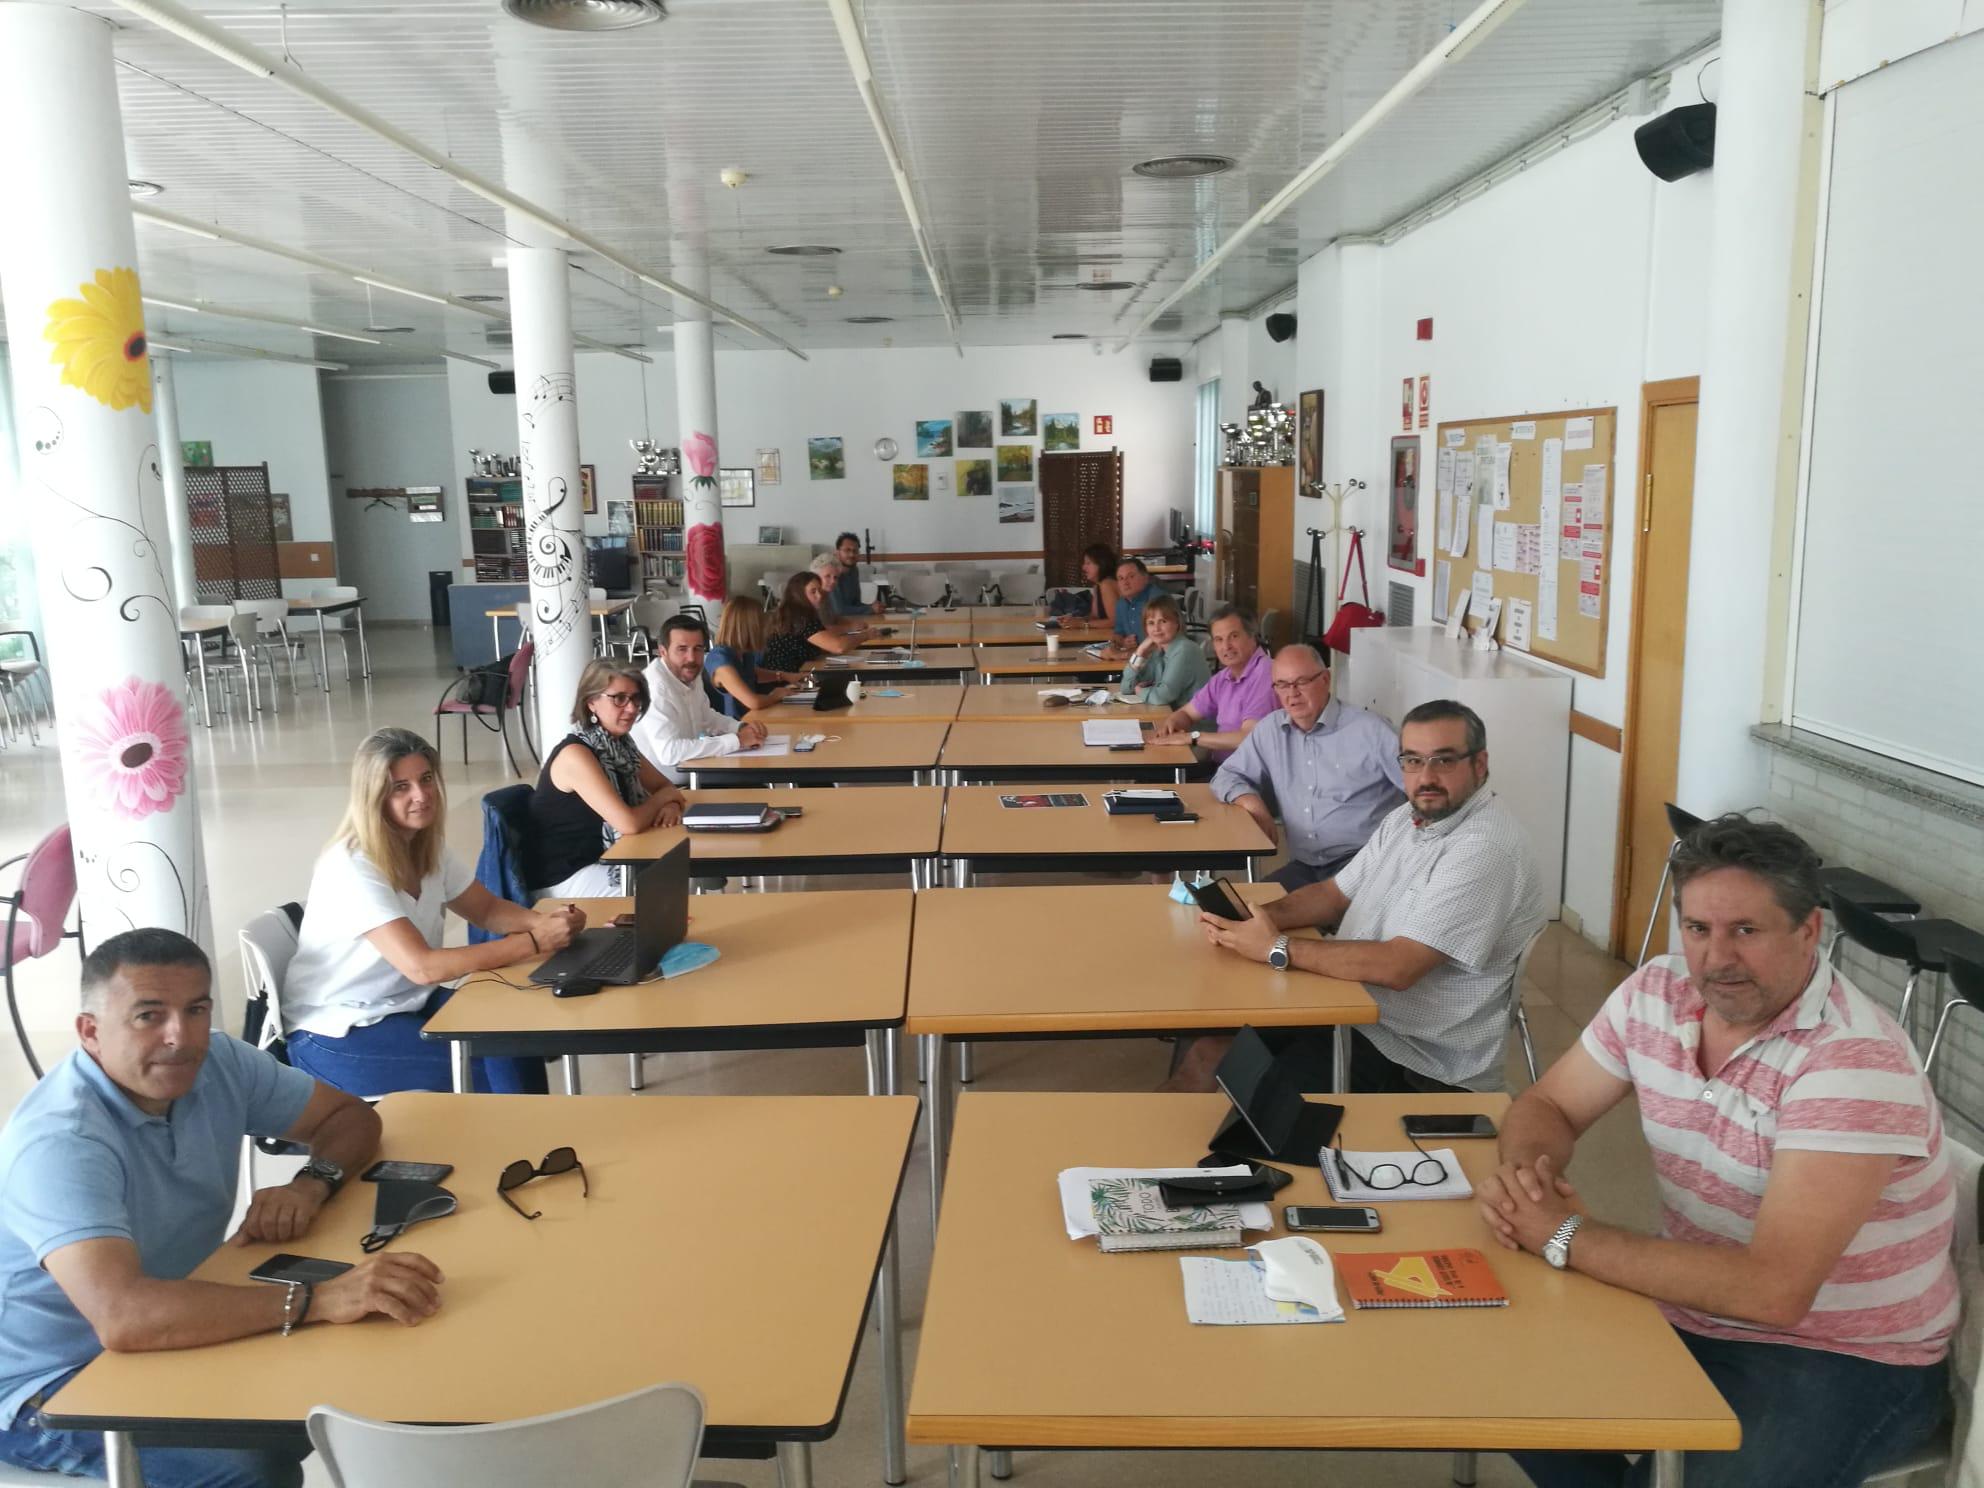 Vandellòs i l'Hospitalet de l'Infant i Mont-roig del Camp volen crear un consorci per optimitzar recursos i millorar diversos serveis